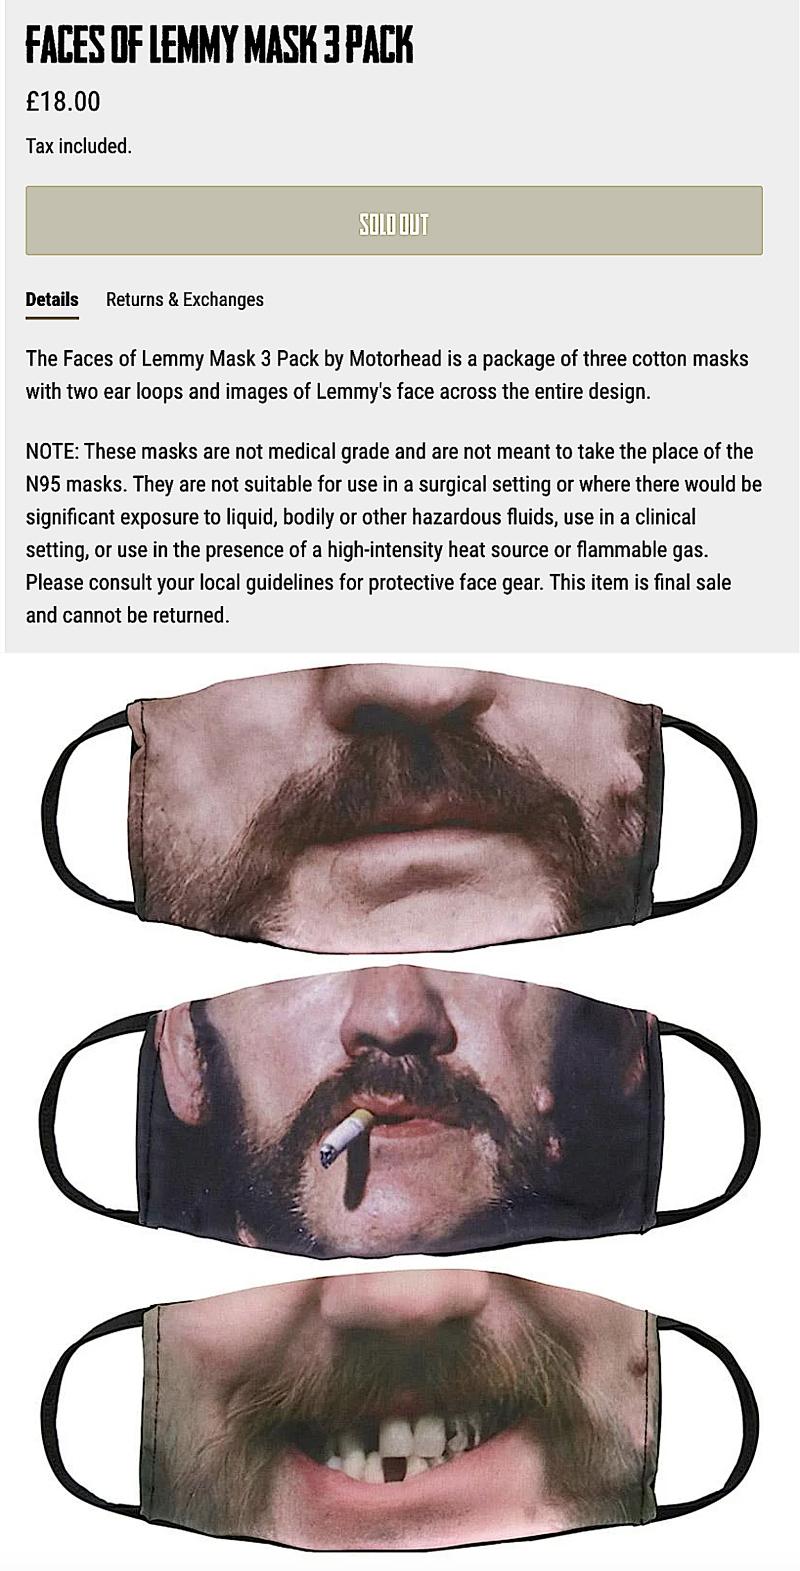 Lemmy masks